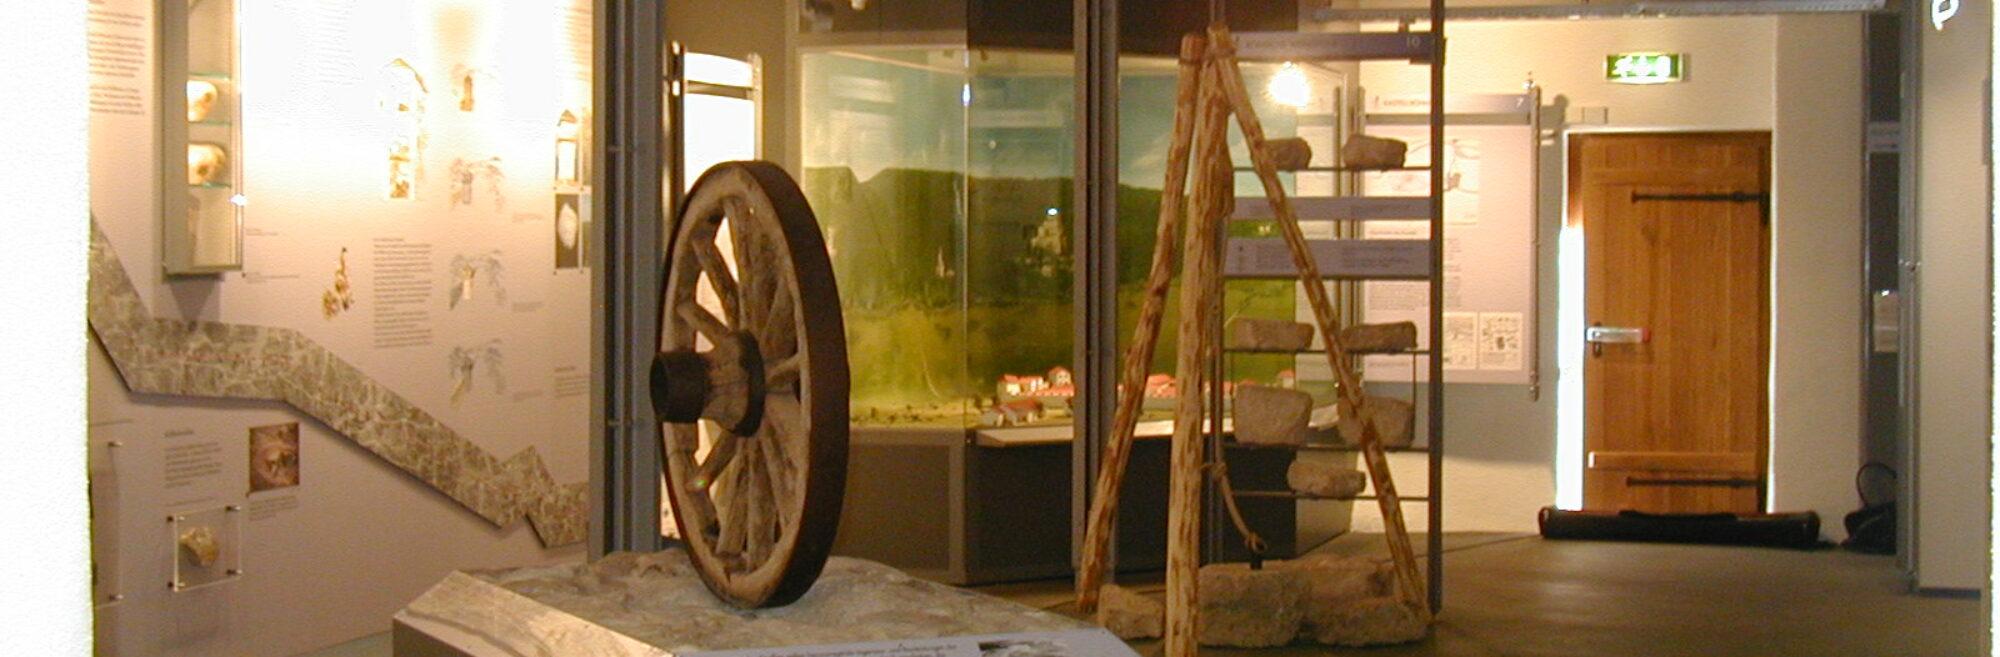 Römer und Bajuwaren Museum